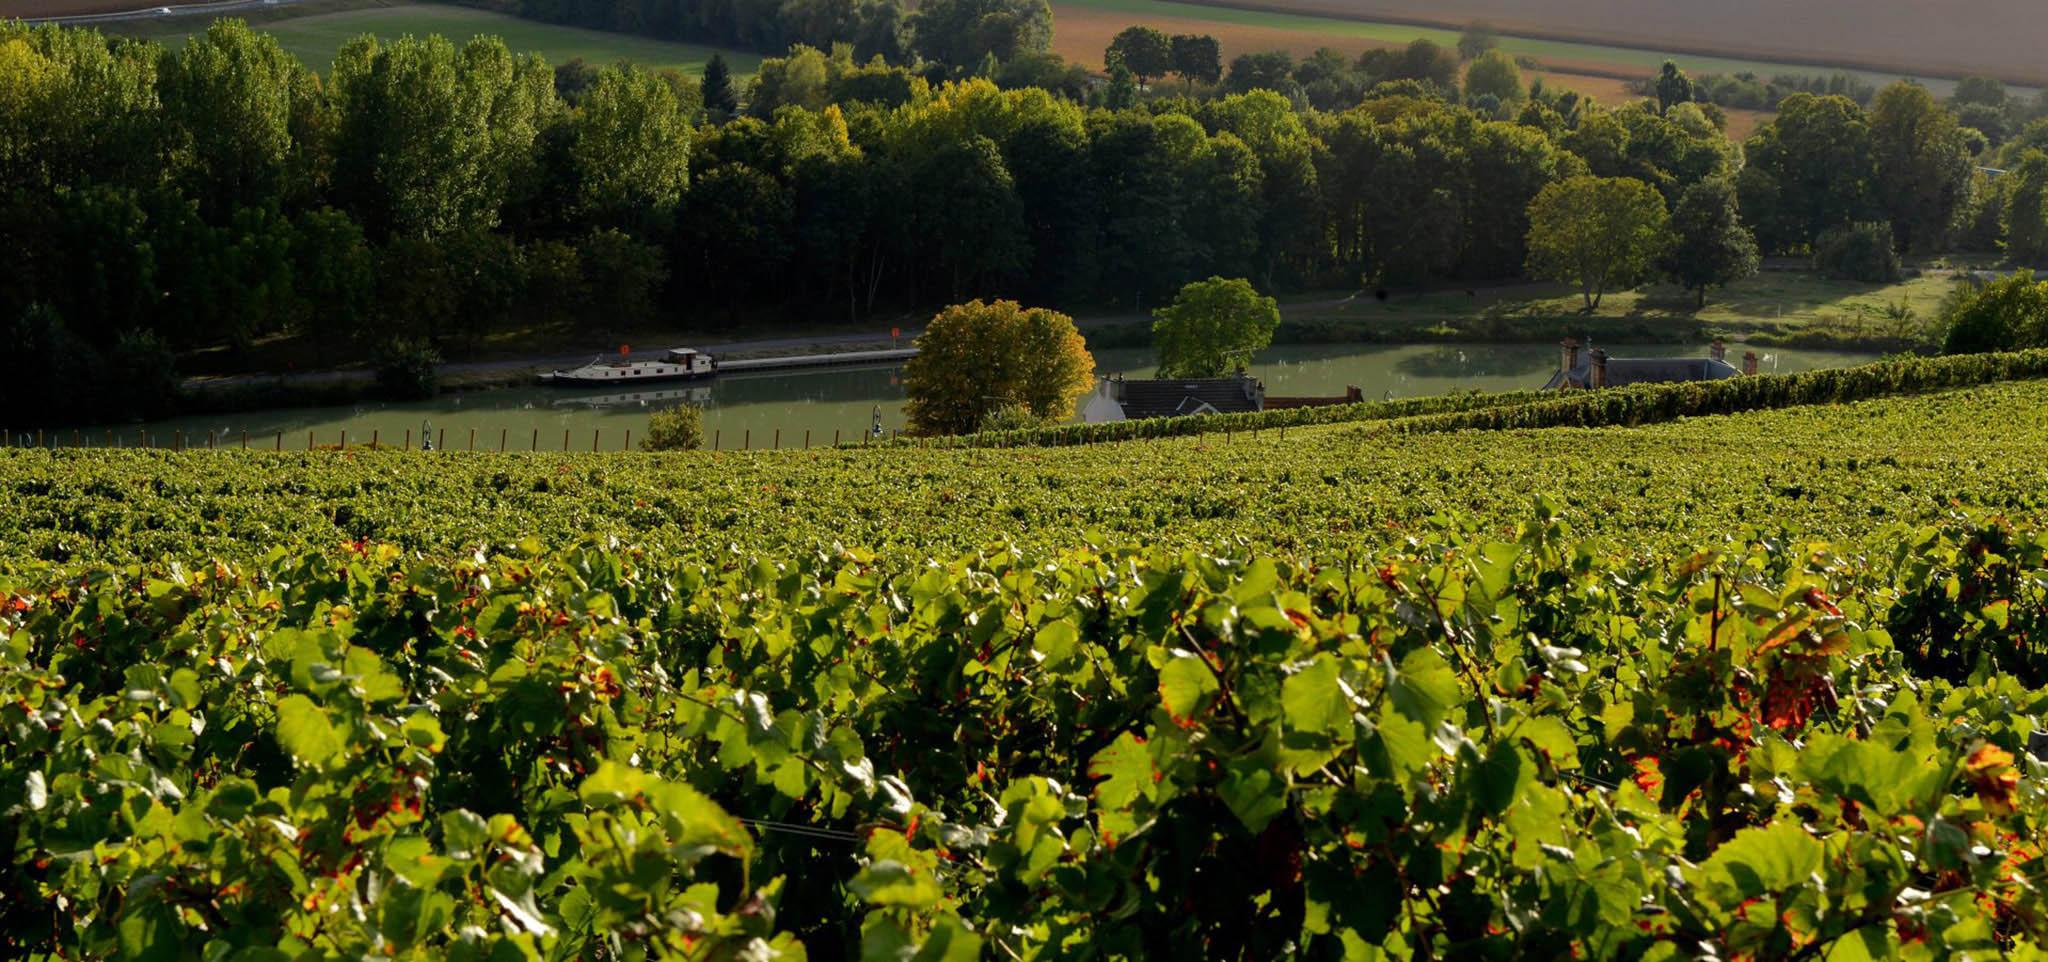 Zéro désherbants d'ici 2025, l'objectif des co-présidents de la Champagne